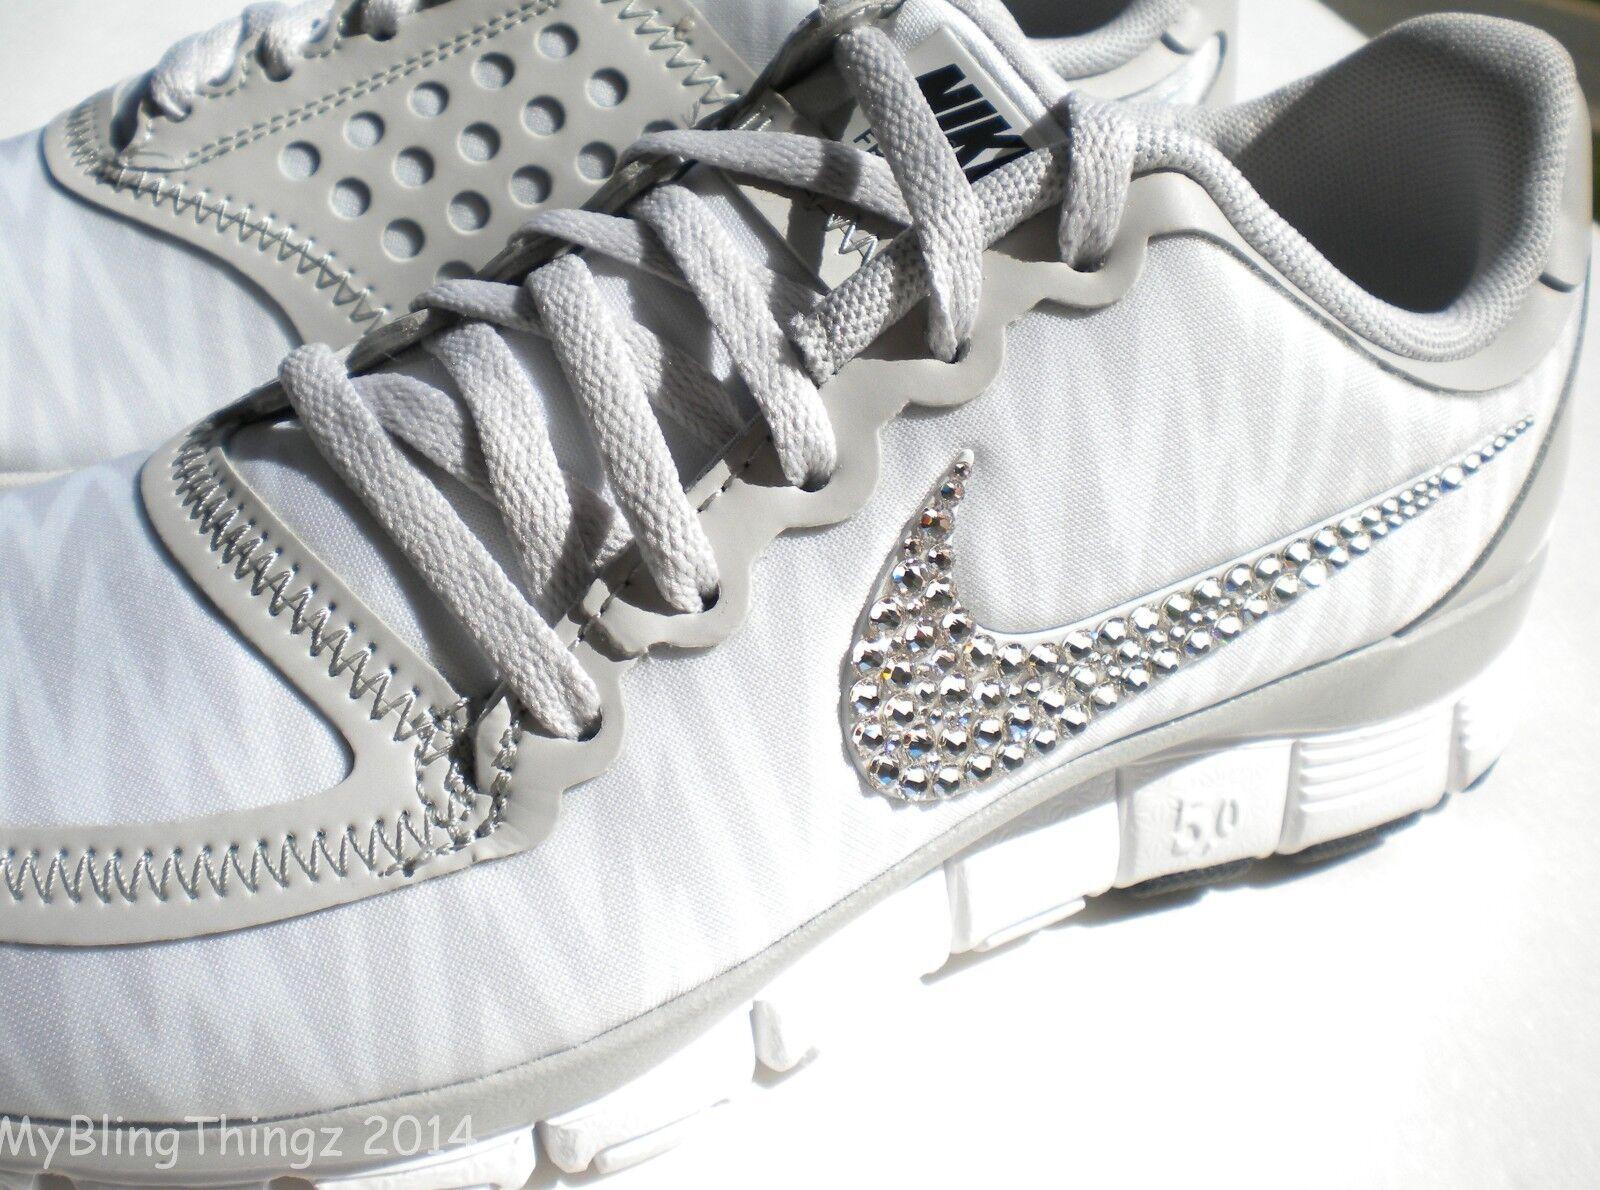 BLING Nike Free 5.0 V4 w  Swarovski Crystal Swoosh Detail WHITE GREY ZEBRA Print